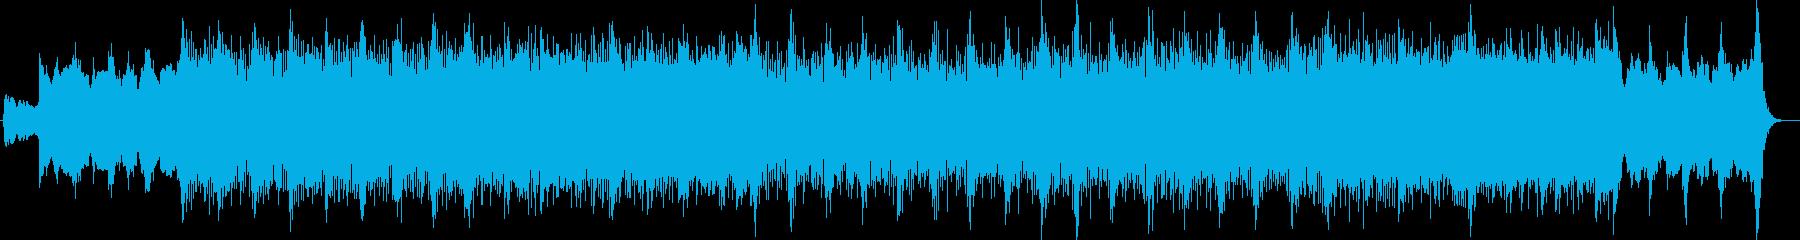 感動的なシンセサイザーギターサウンドの再生済みの波形